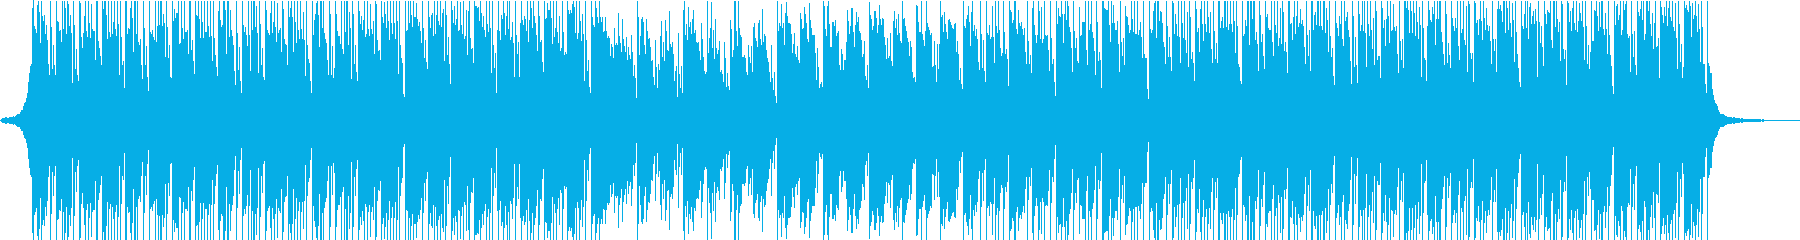 中近東のエピック系BGMの再生済みの波形